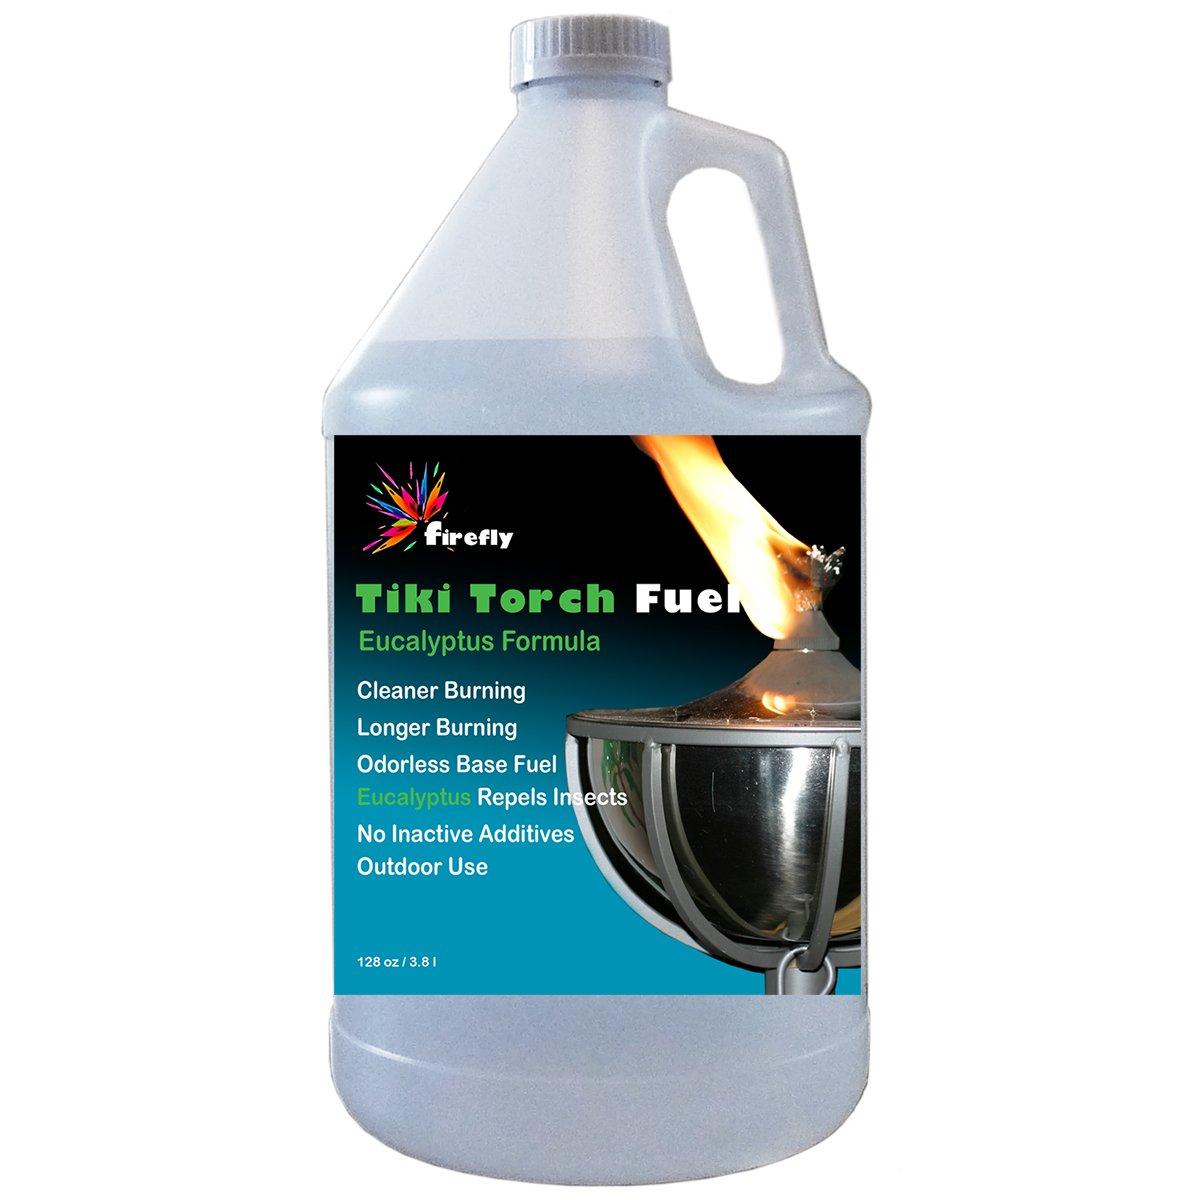 Firefly(ファイヤフライ)ティキトーチ燃料 1 Gallon tf-128-e B00A8RP6E0 1 Gallon|Eucalyptus Oil Formula Eucalyptus Oil Formula 1 Gallon